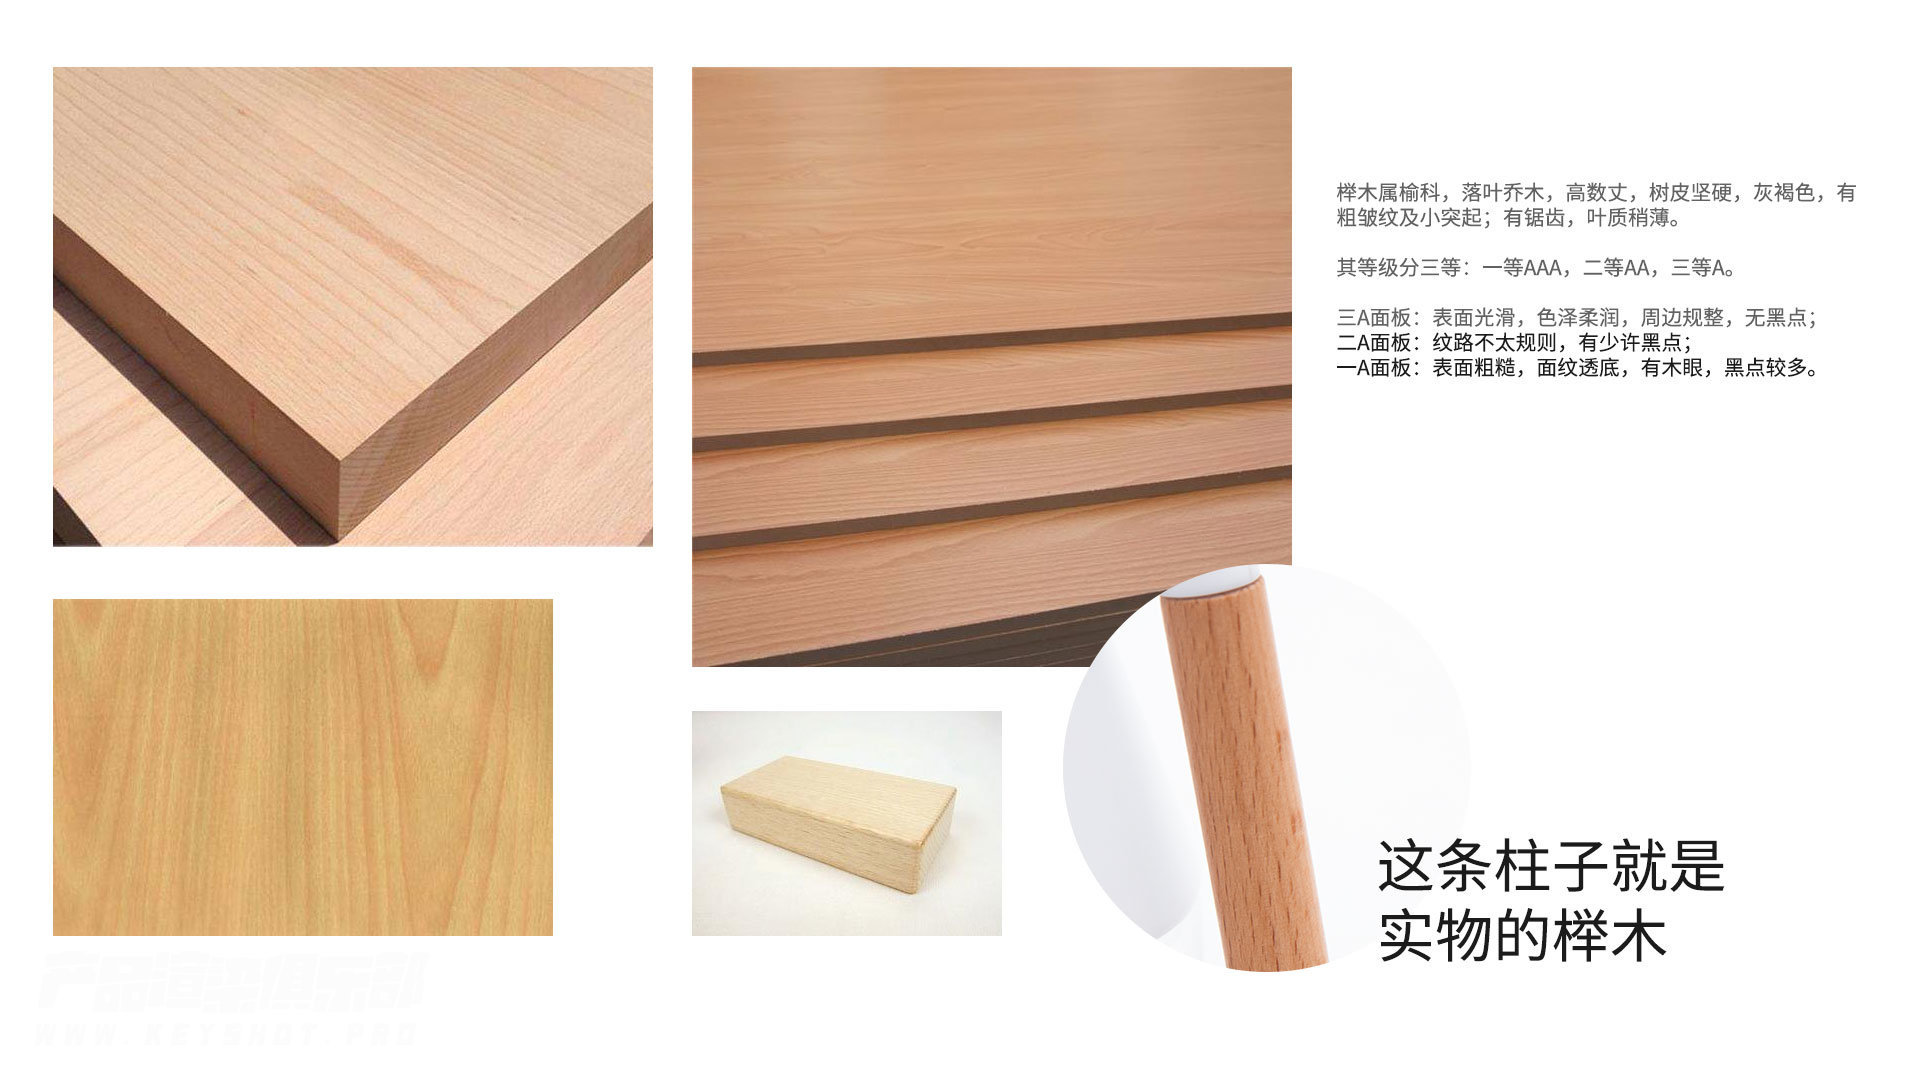 工业设计内榉木装饰材质制作[带材质附件]